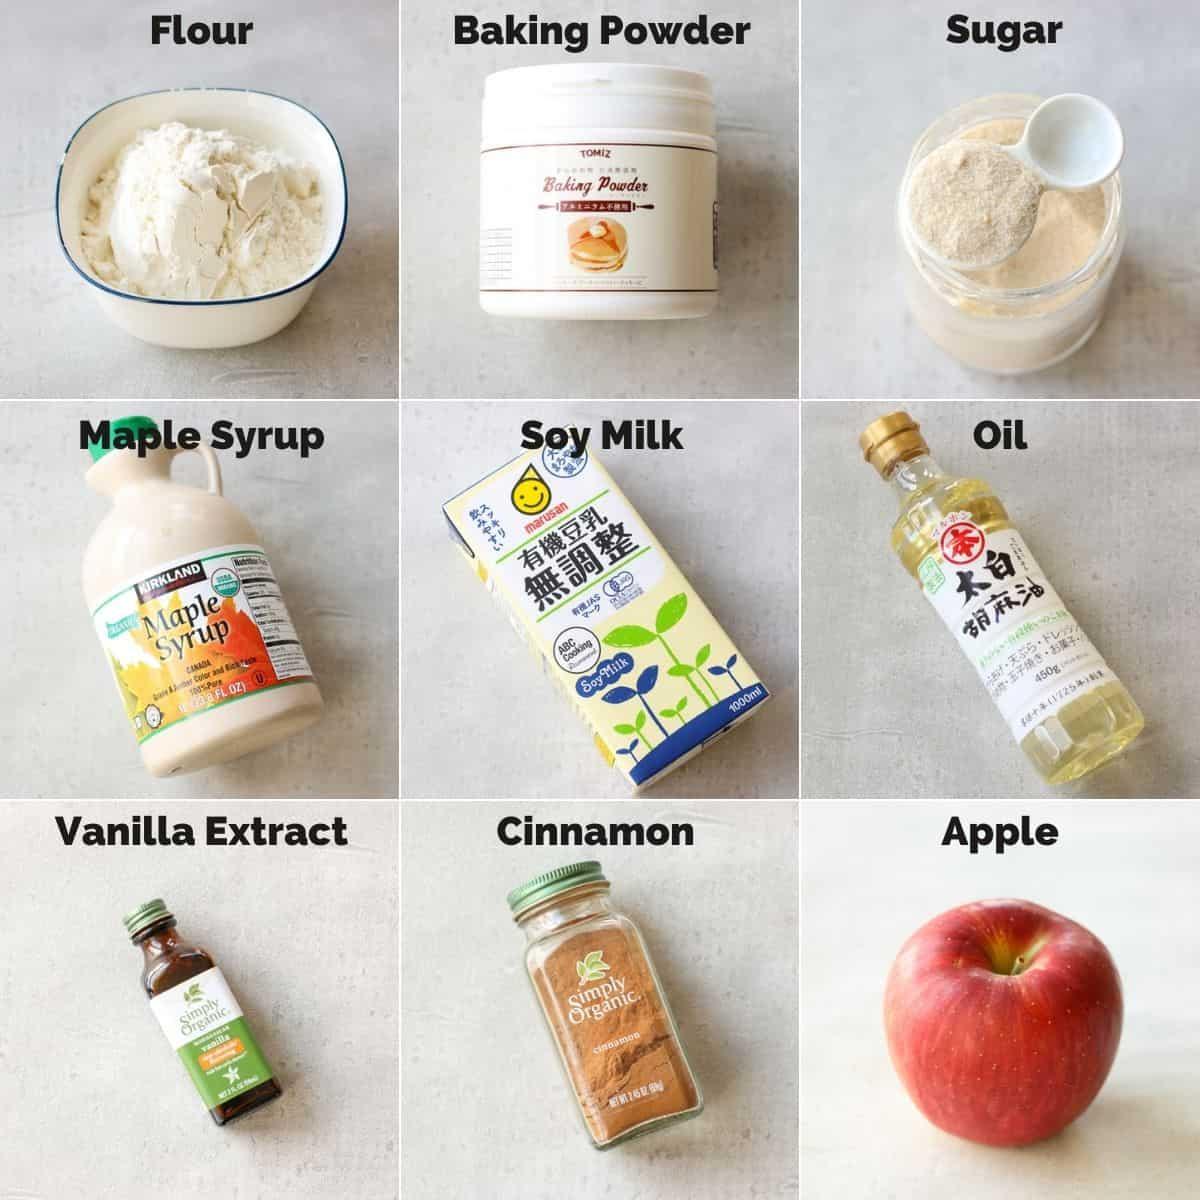 Ingredients for Vegan Apple Cinnamon Cake